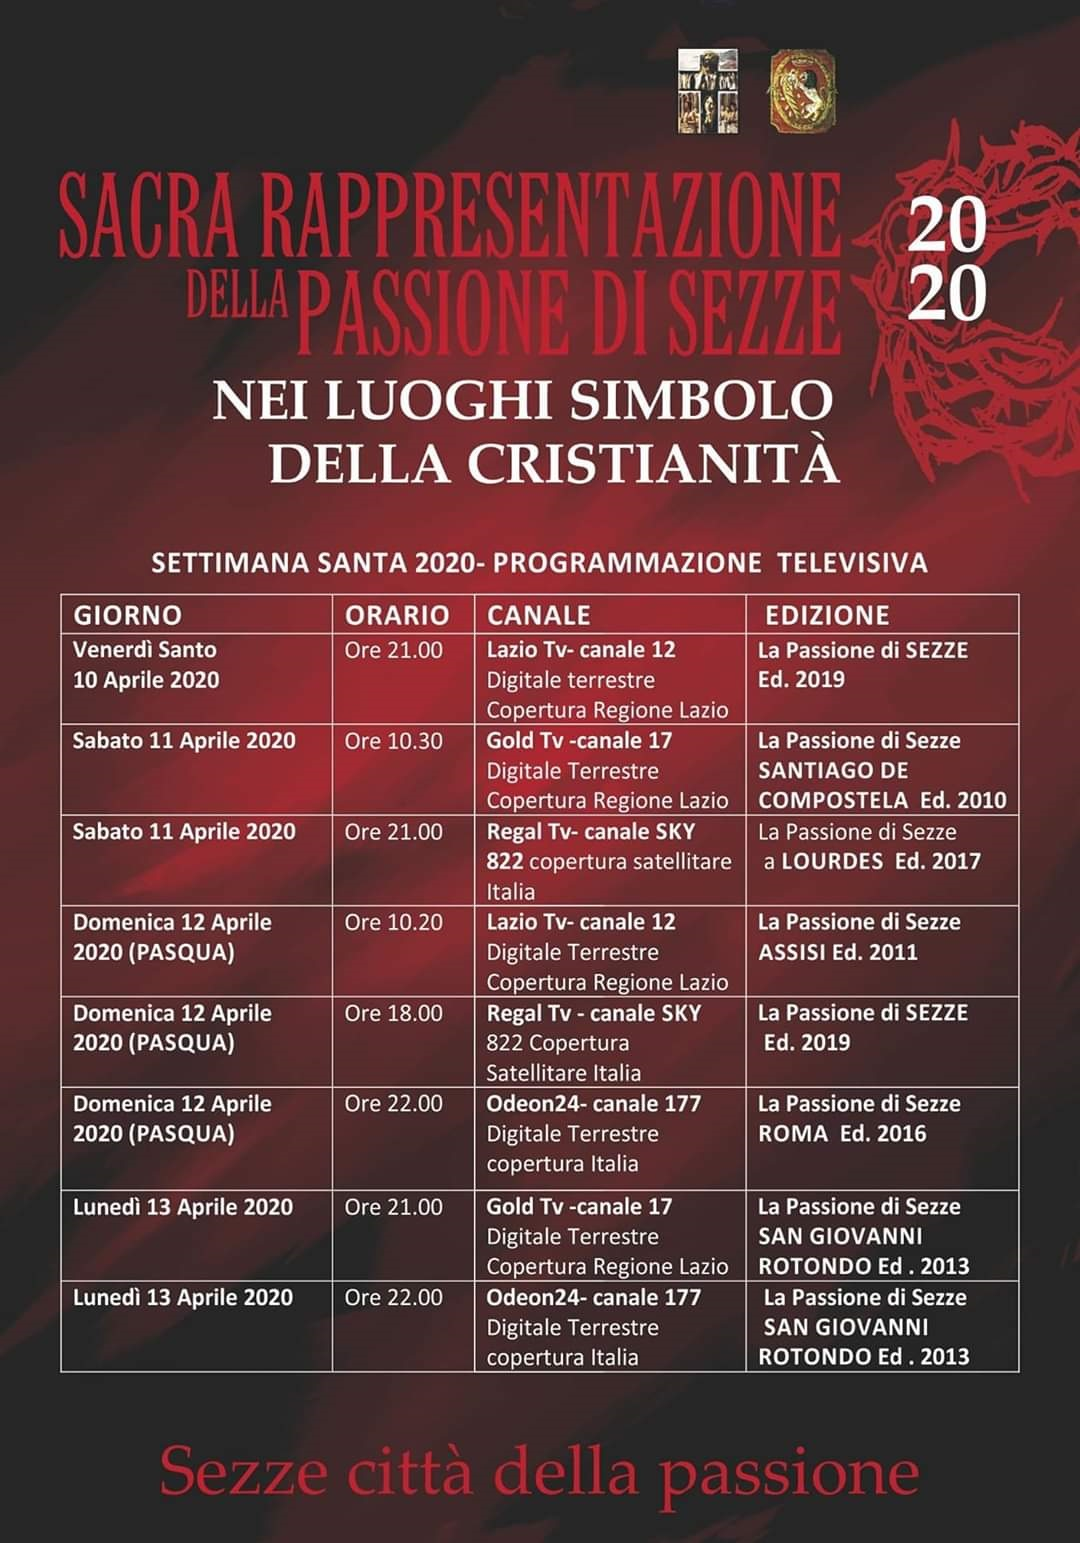 Sacra rappresentazione della passione di Sezze 2020 nei luoghi simbolo della cristianità @ Sezze